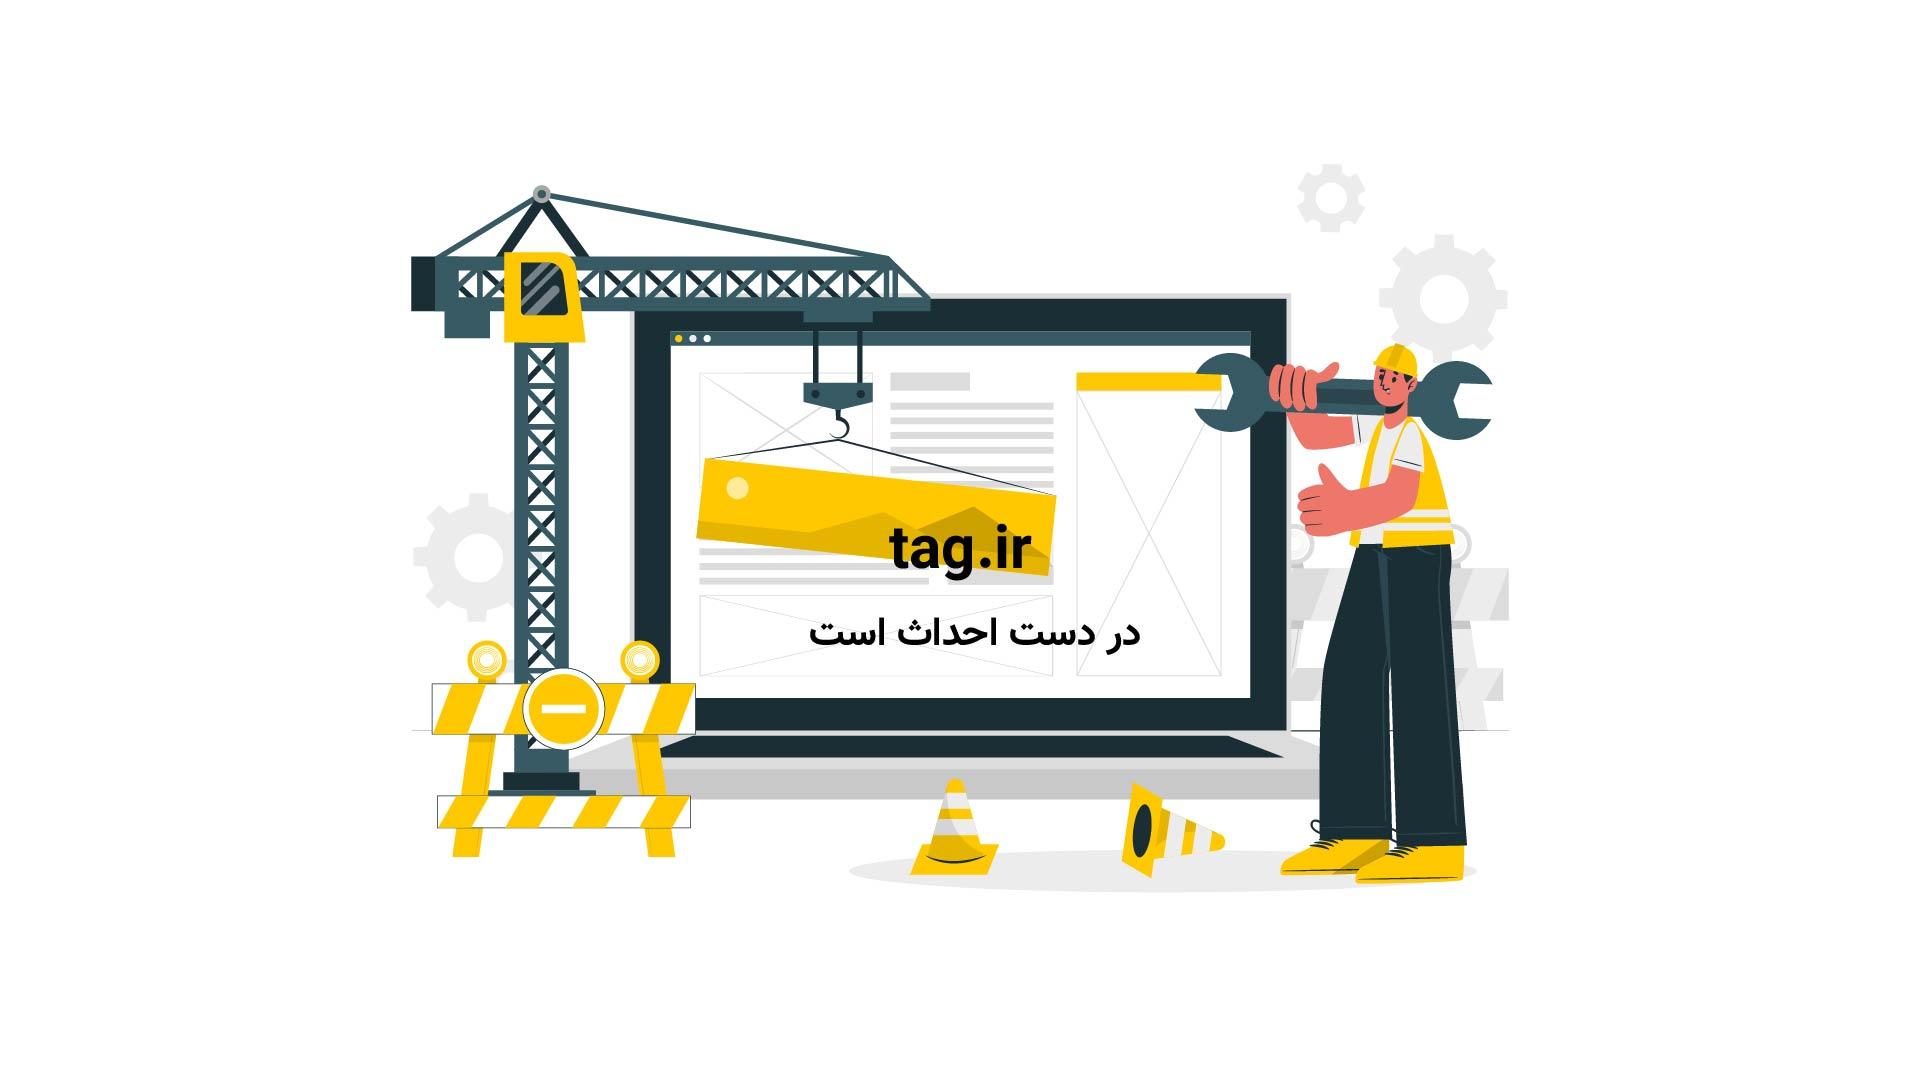 بقعه تاریخی پیرجارسوز در استان کرمان | فیلم